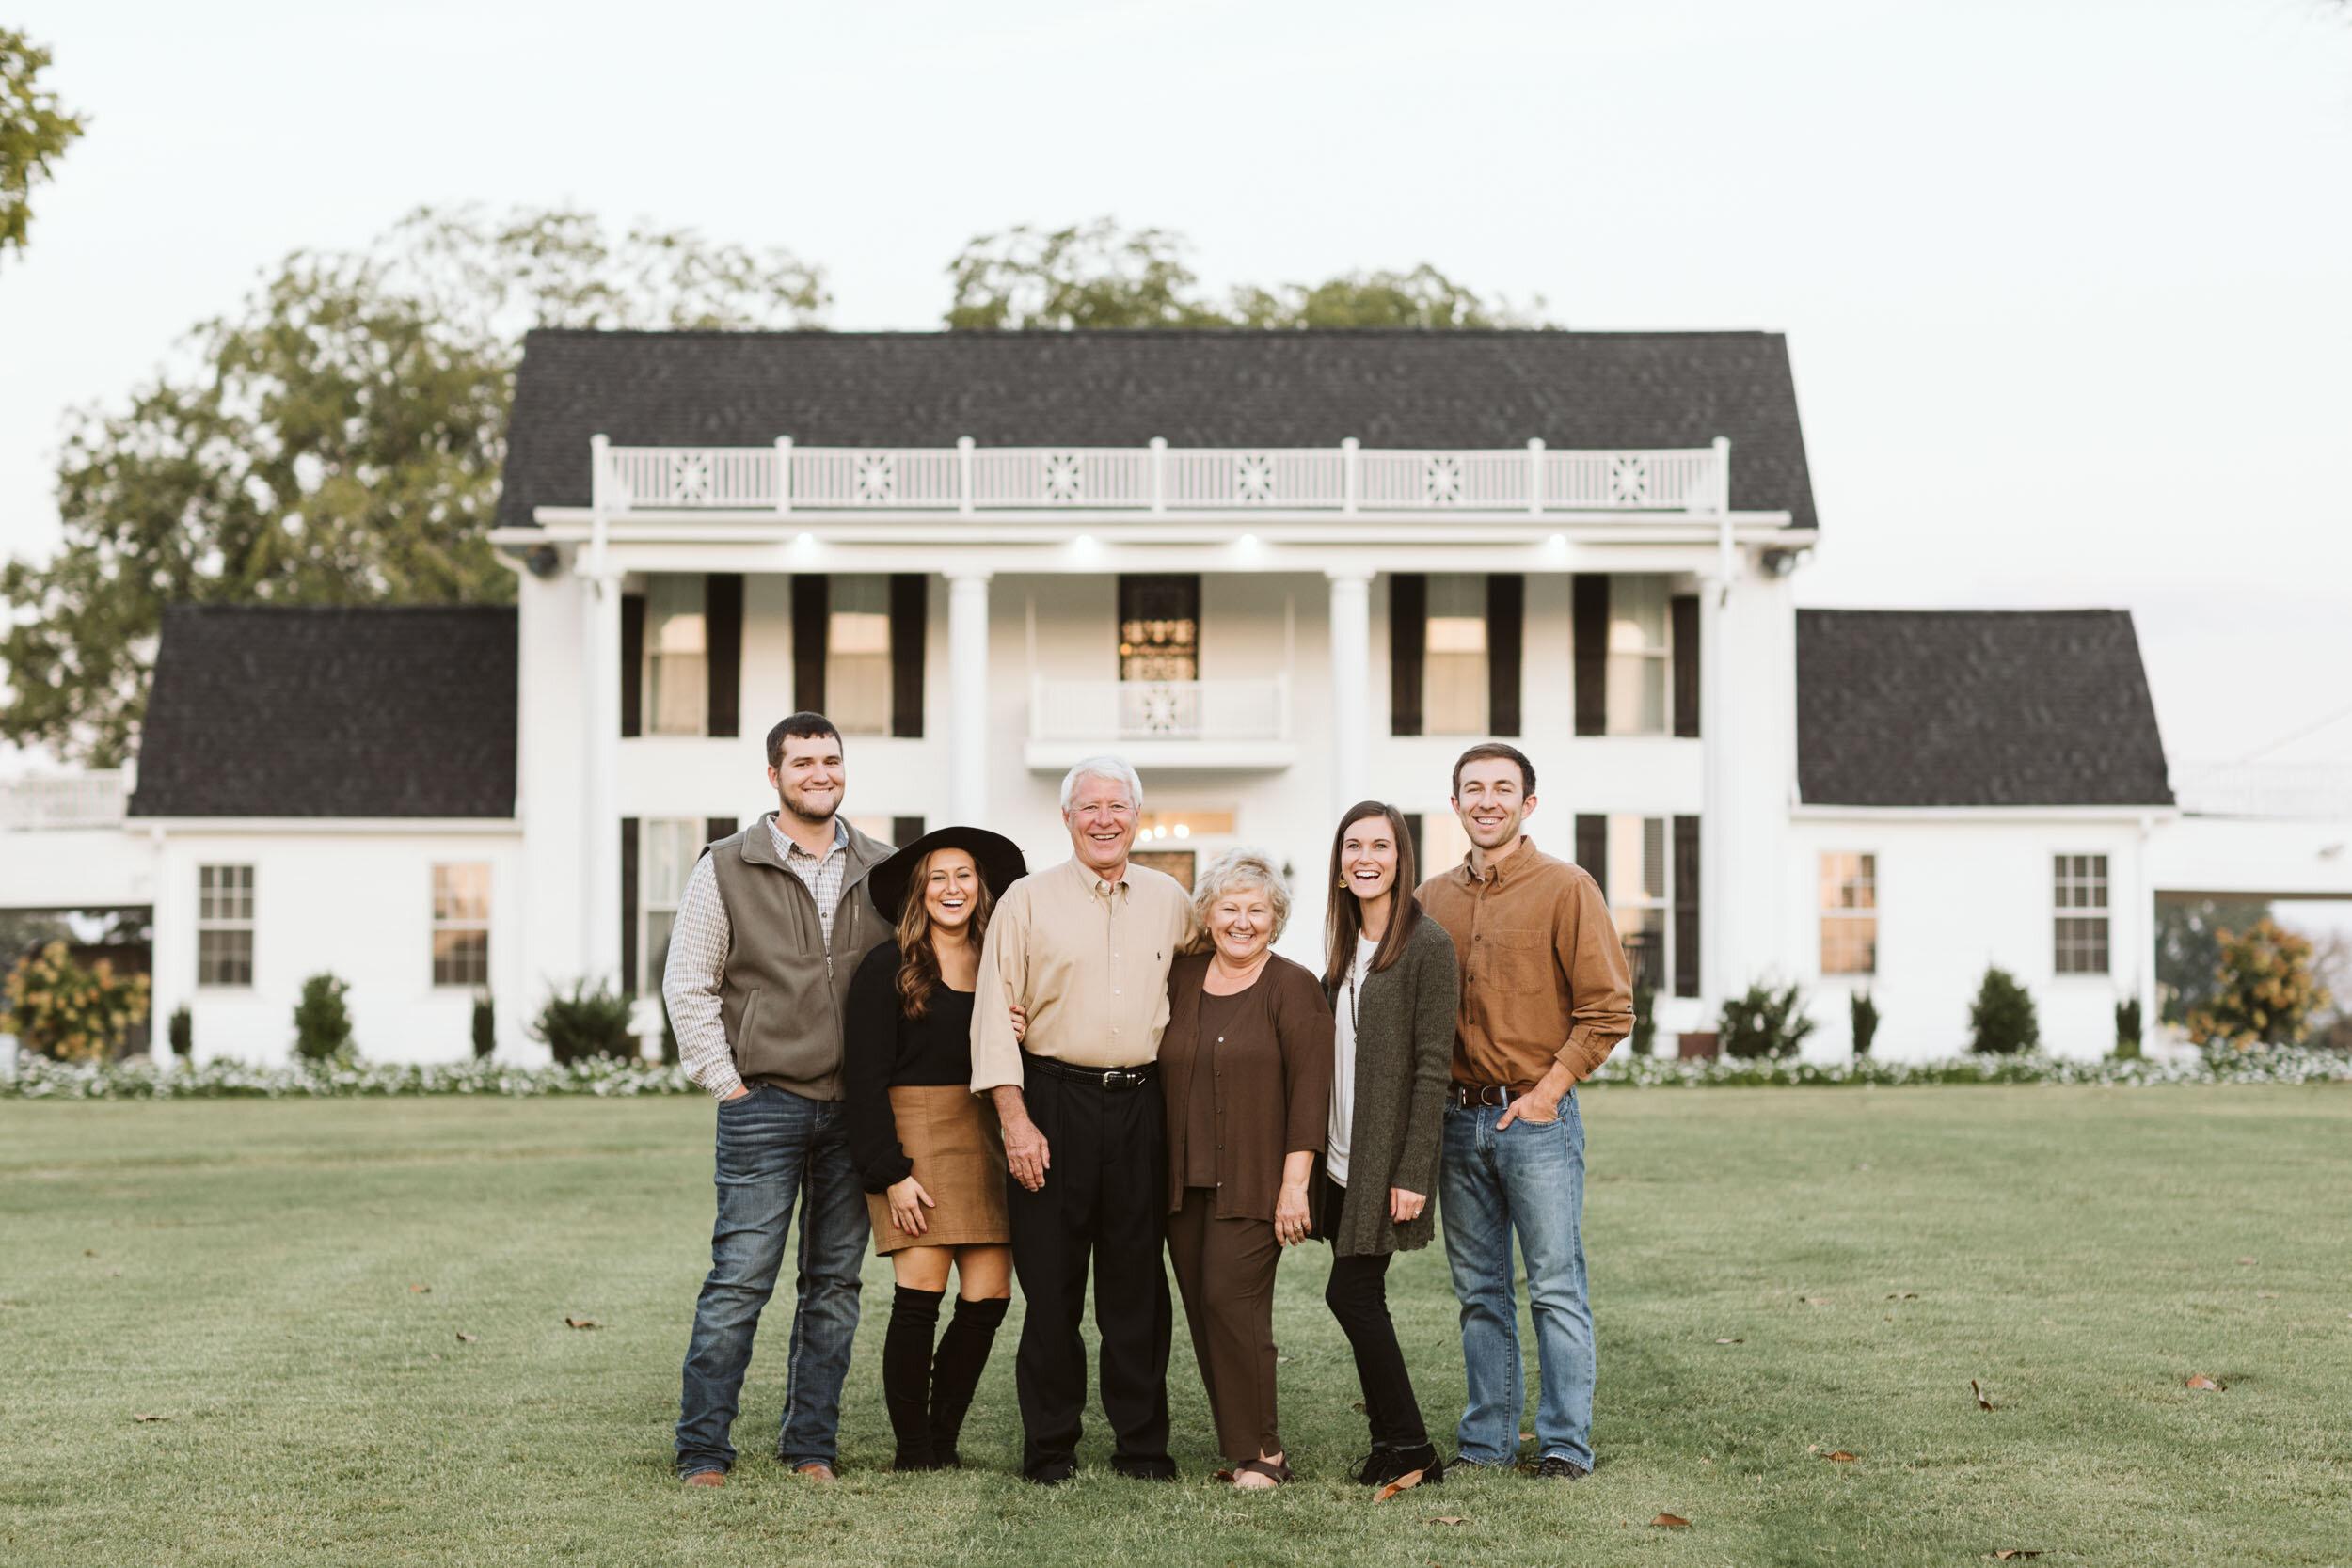 The Hendren Family standing outside the Manor at Mount Carmel